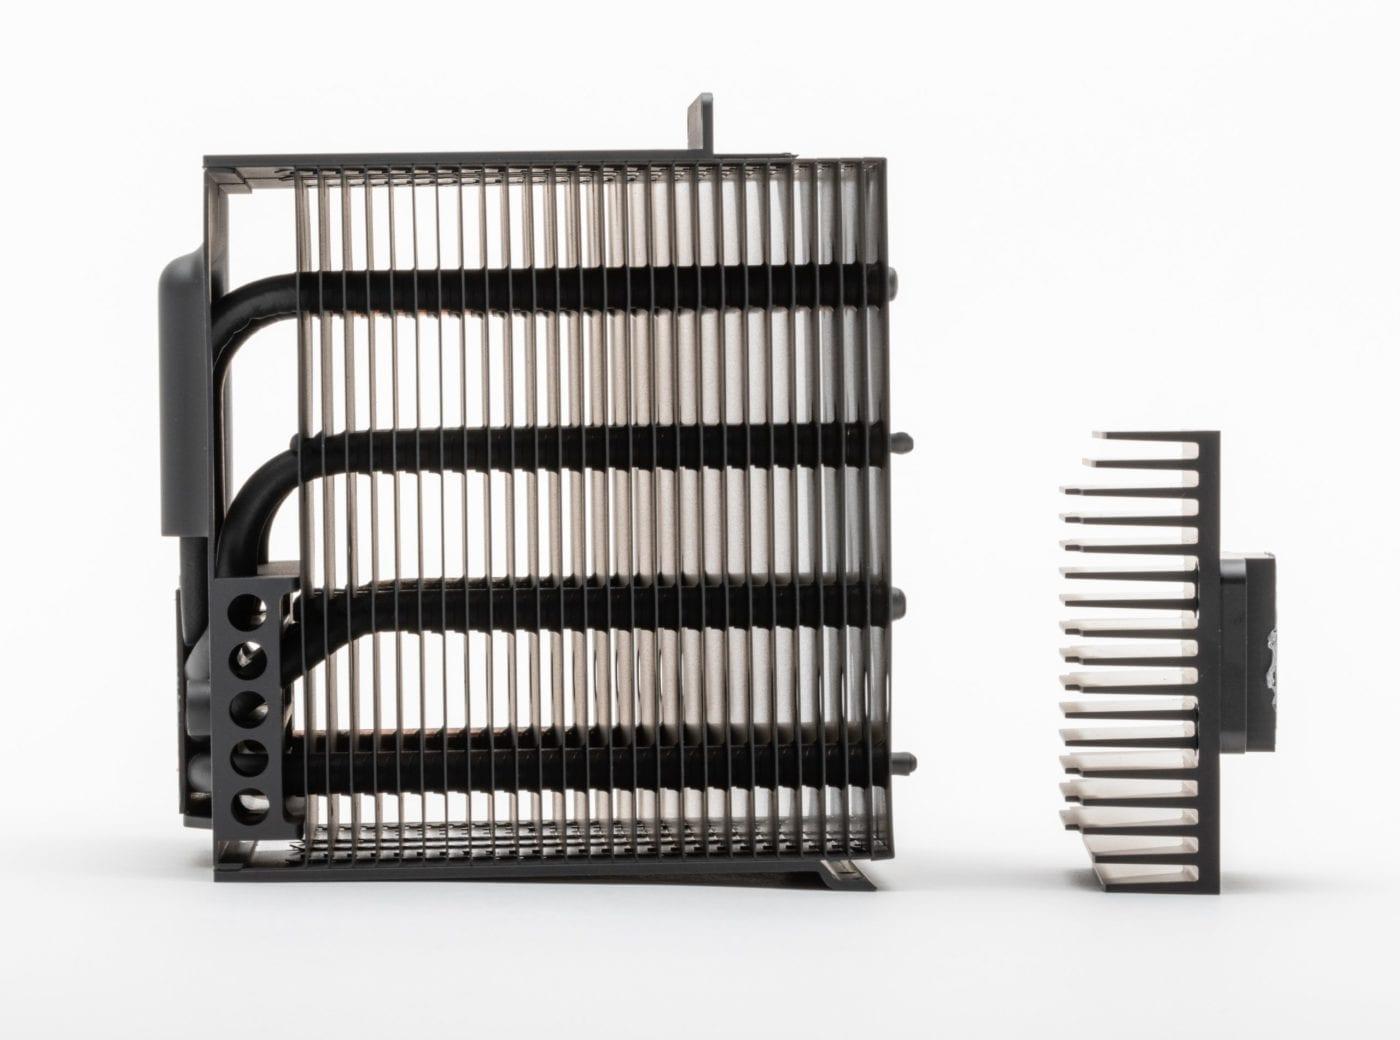 2019 Mac Pro – Side view of heatsinks showing airflow openings